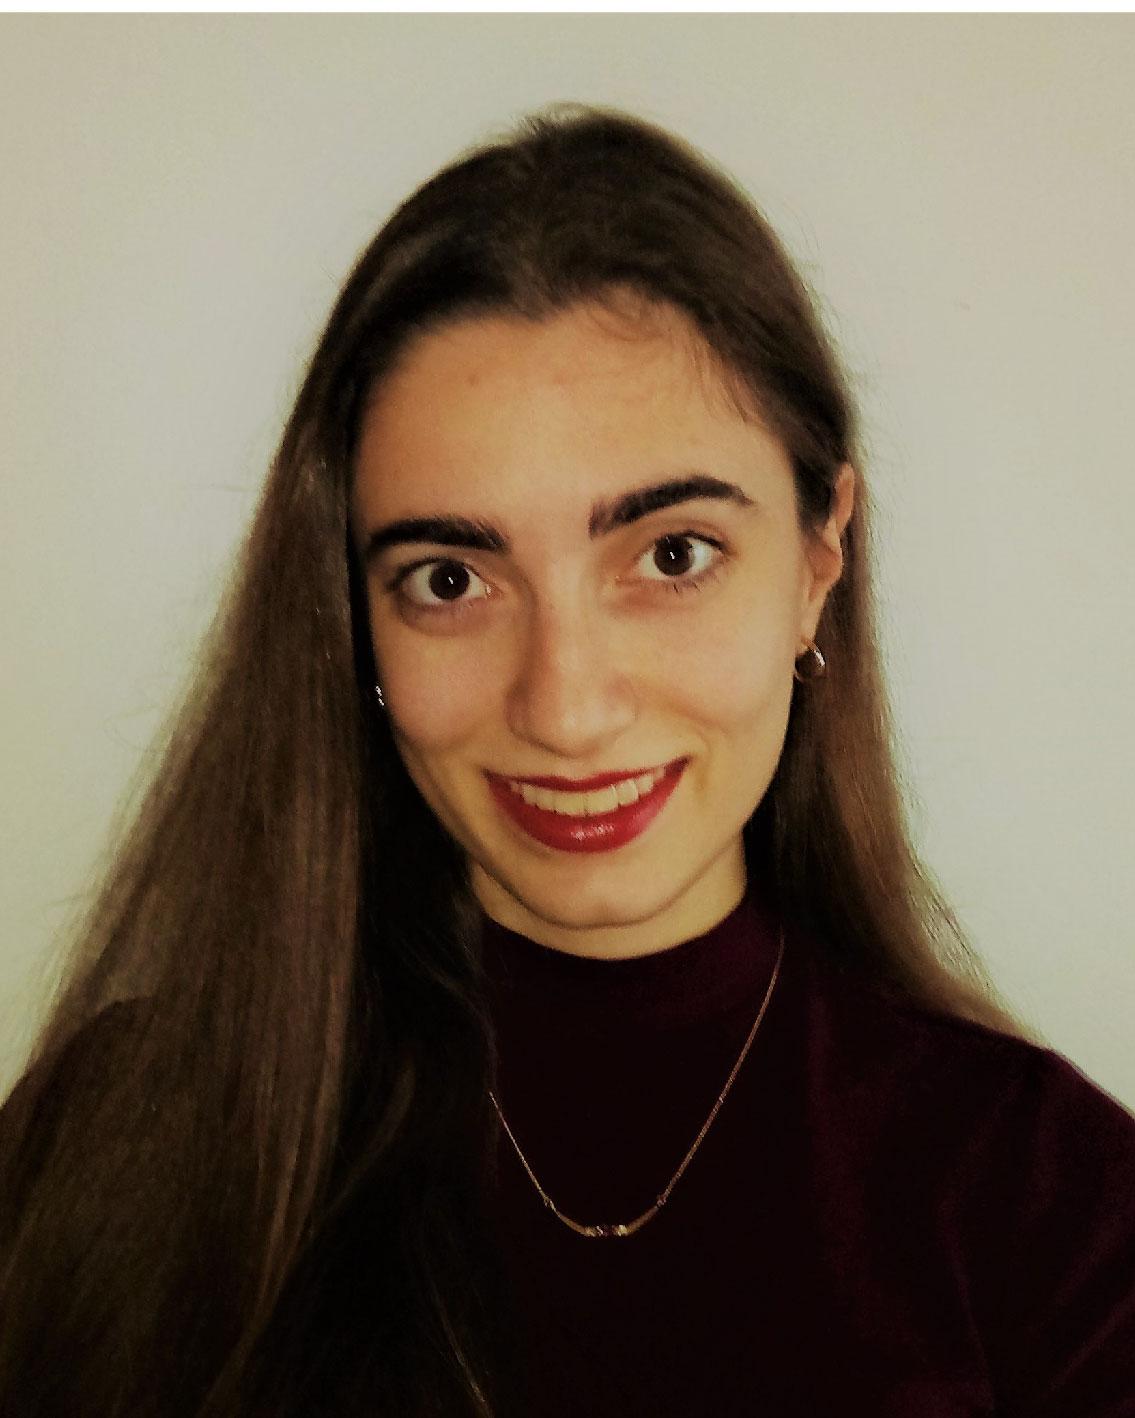 Konstantina-Maria Giannakopoulou